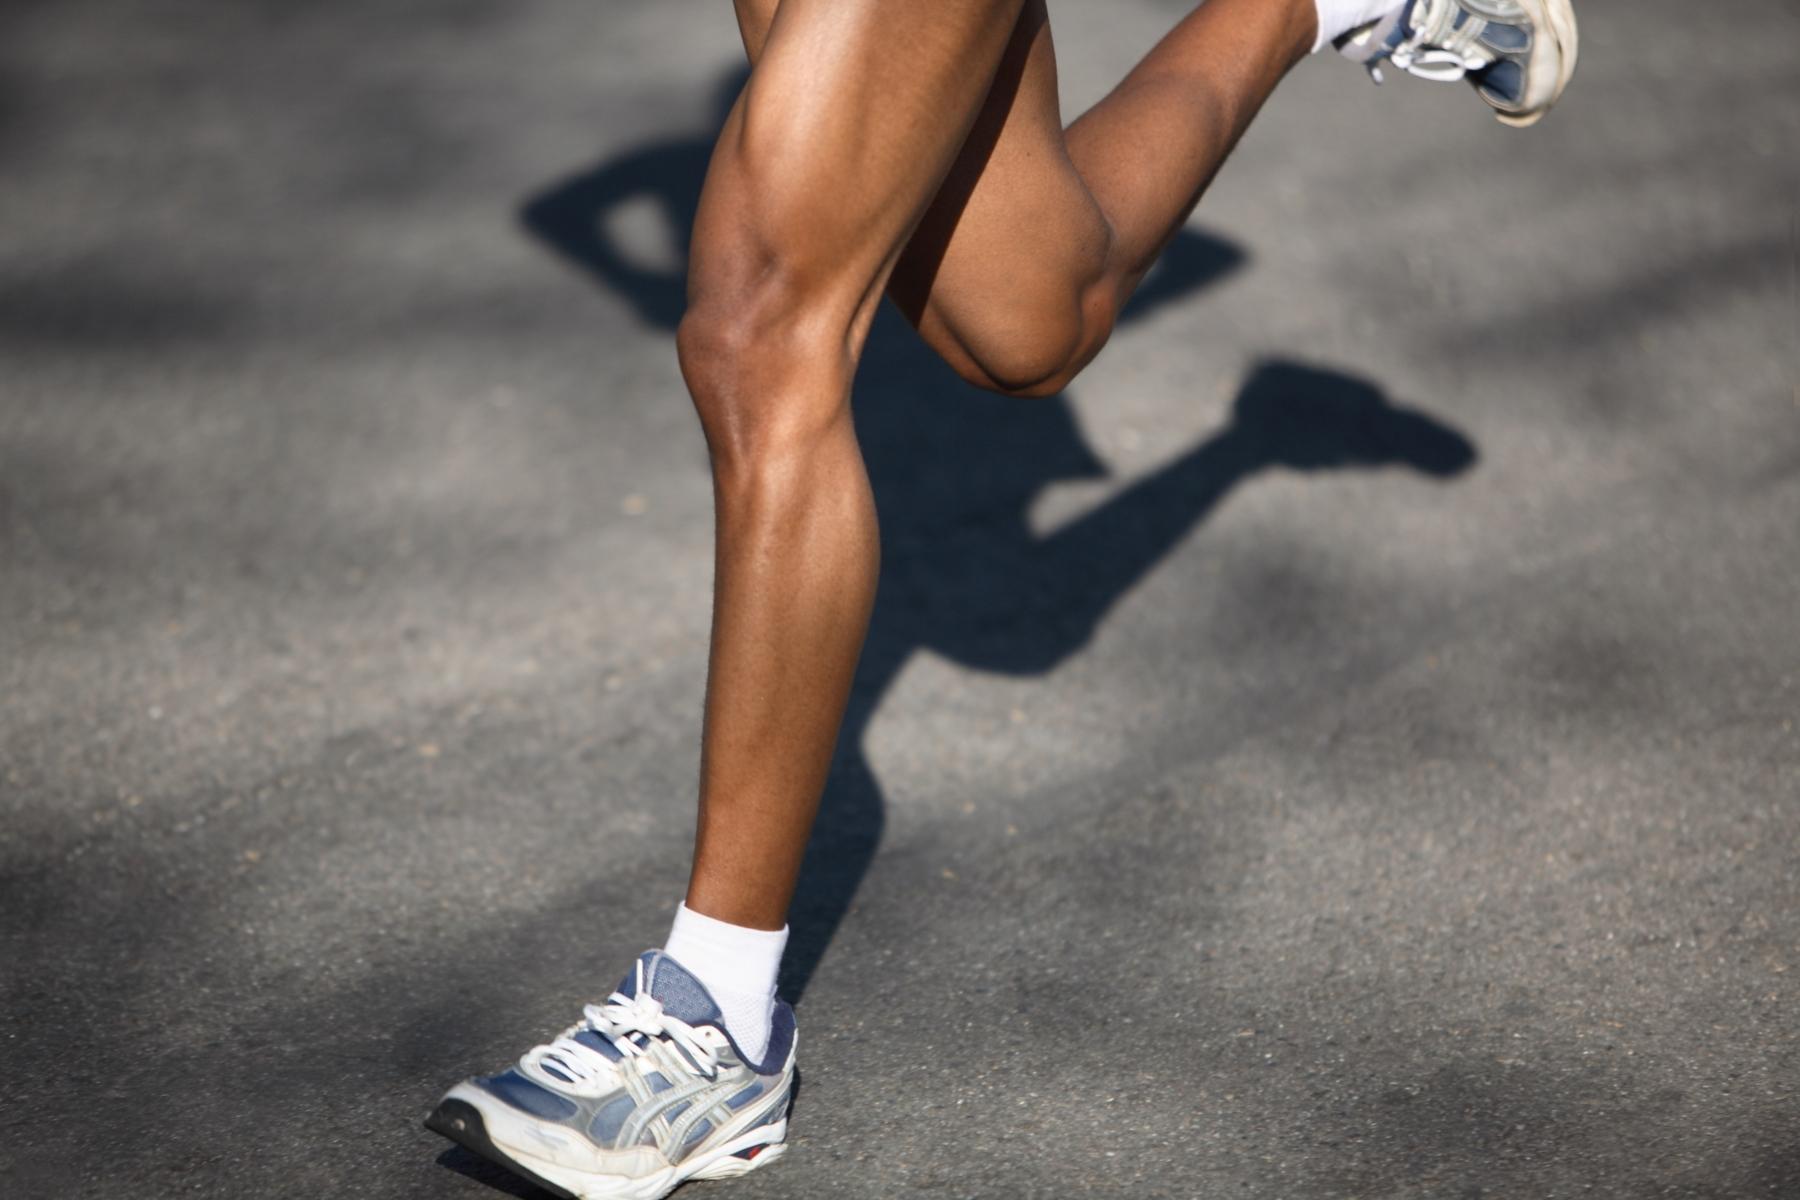 Фото спортивных девочек ножки, Девушки с невероятно красивыми и спортивными 23 фотография